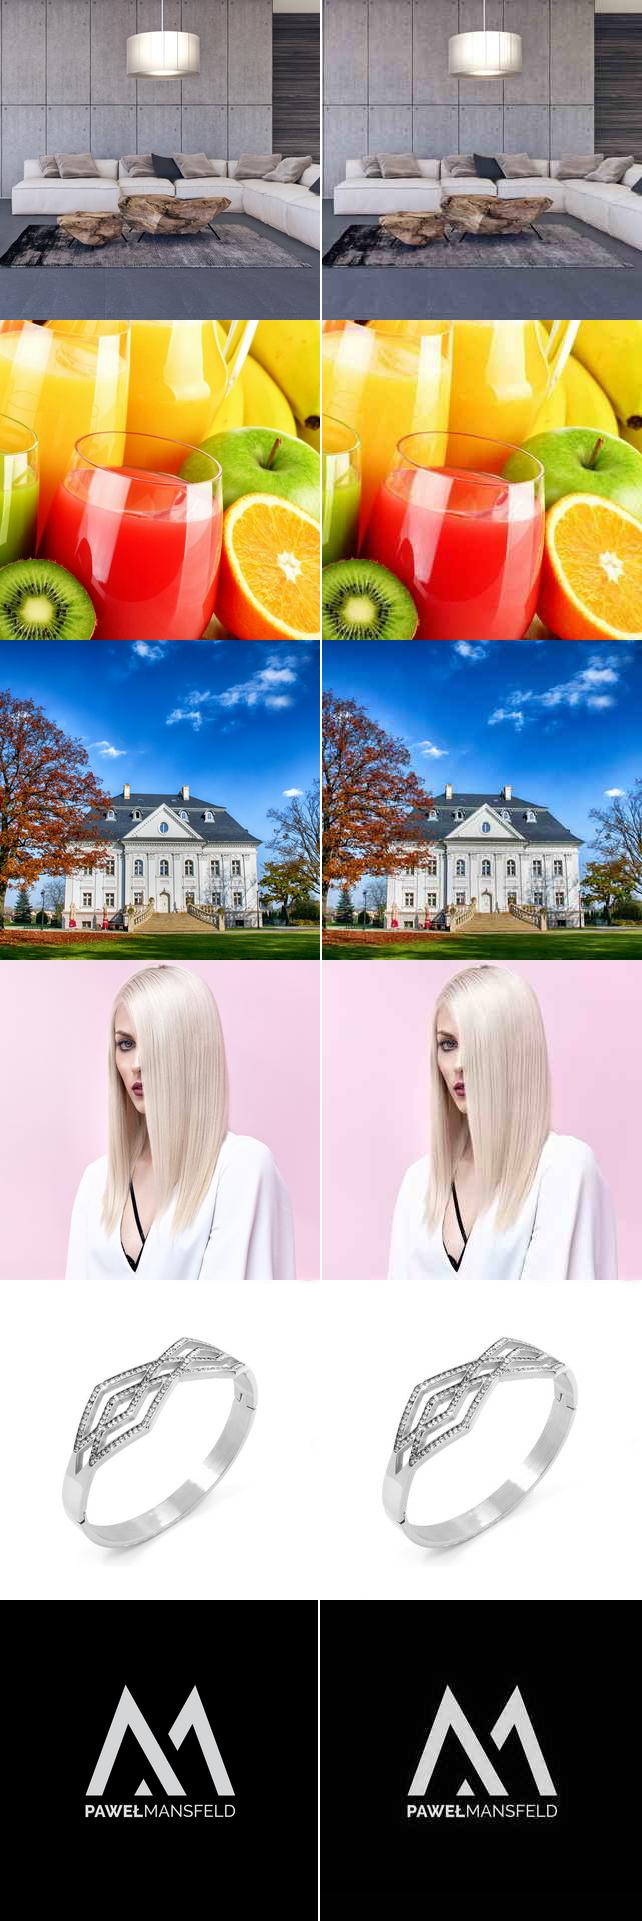 optymizacja zdjęć dla stron www - porównanie kompresji PNG vs. JPEG1